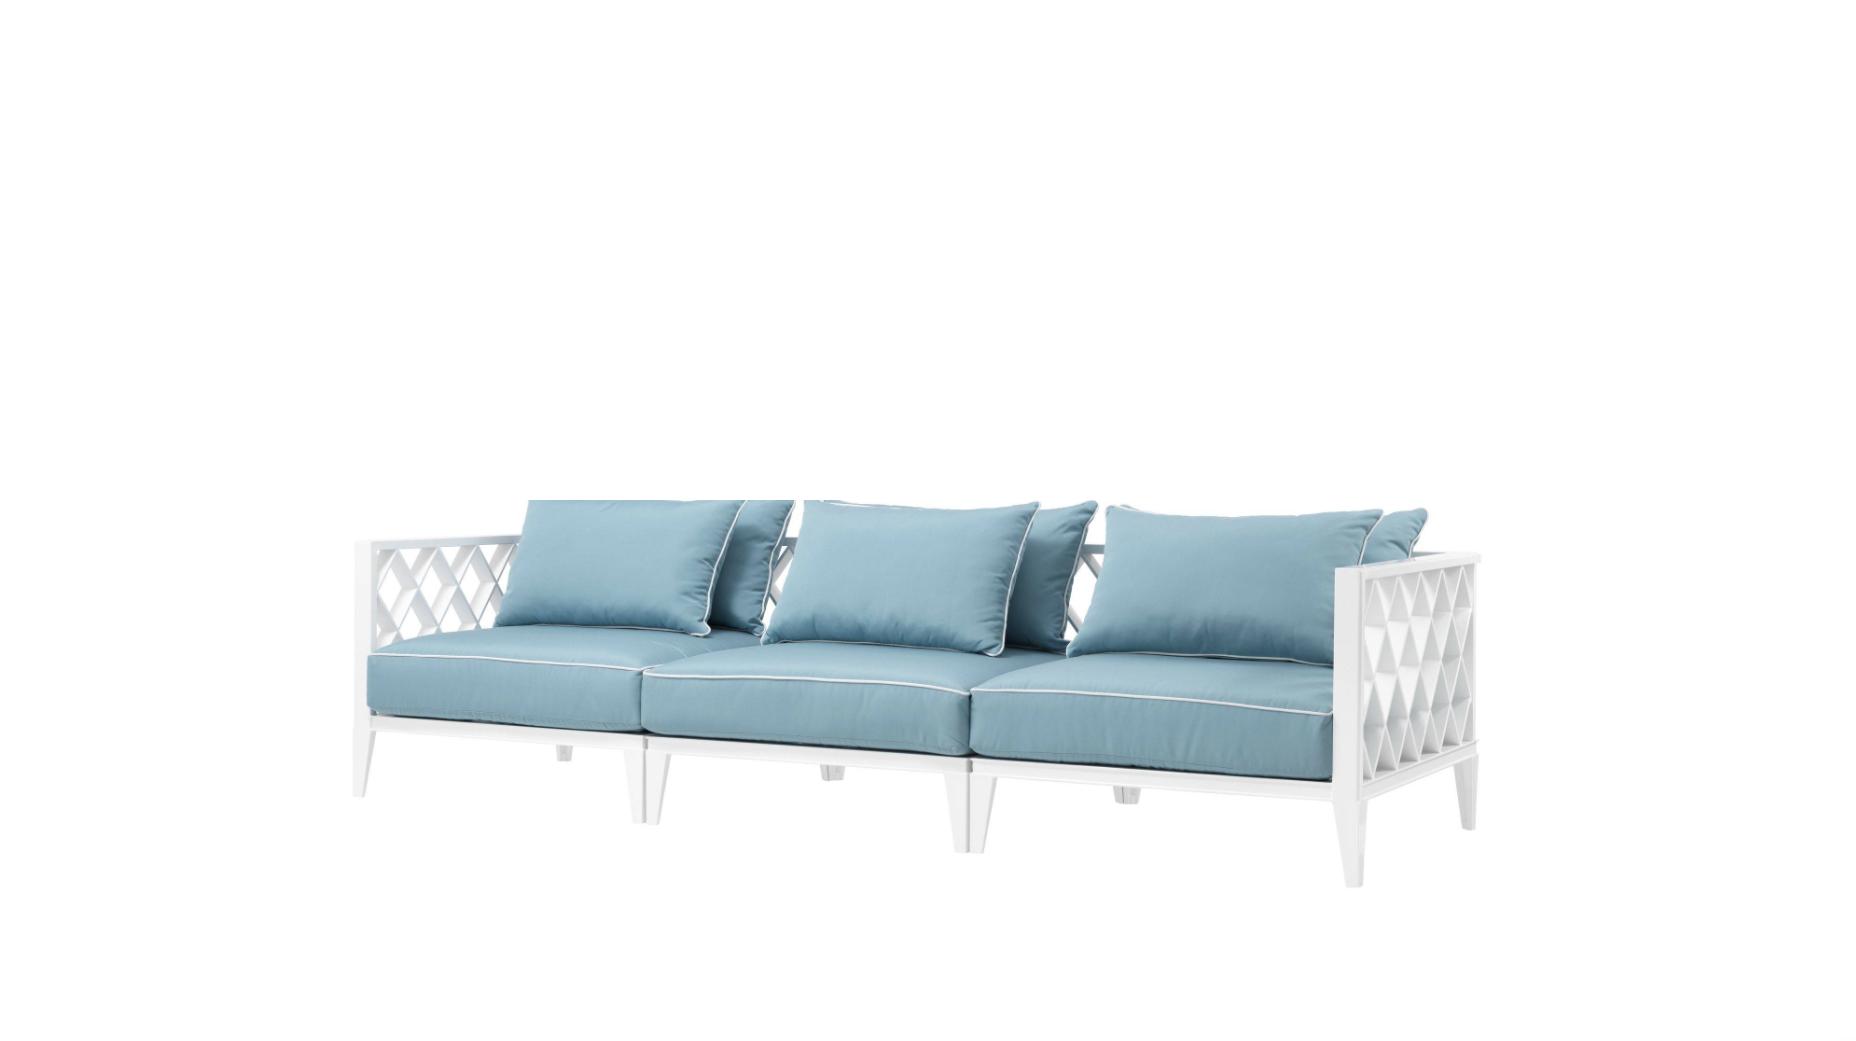 Eichholtz Sofa Ocean Club - L275,5 cm